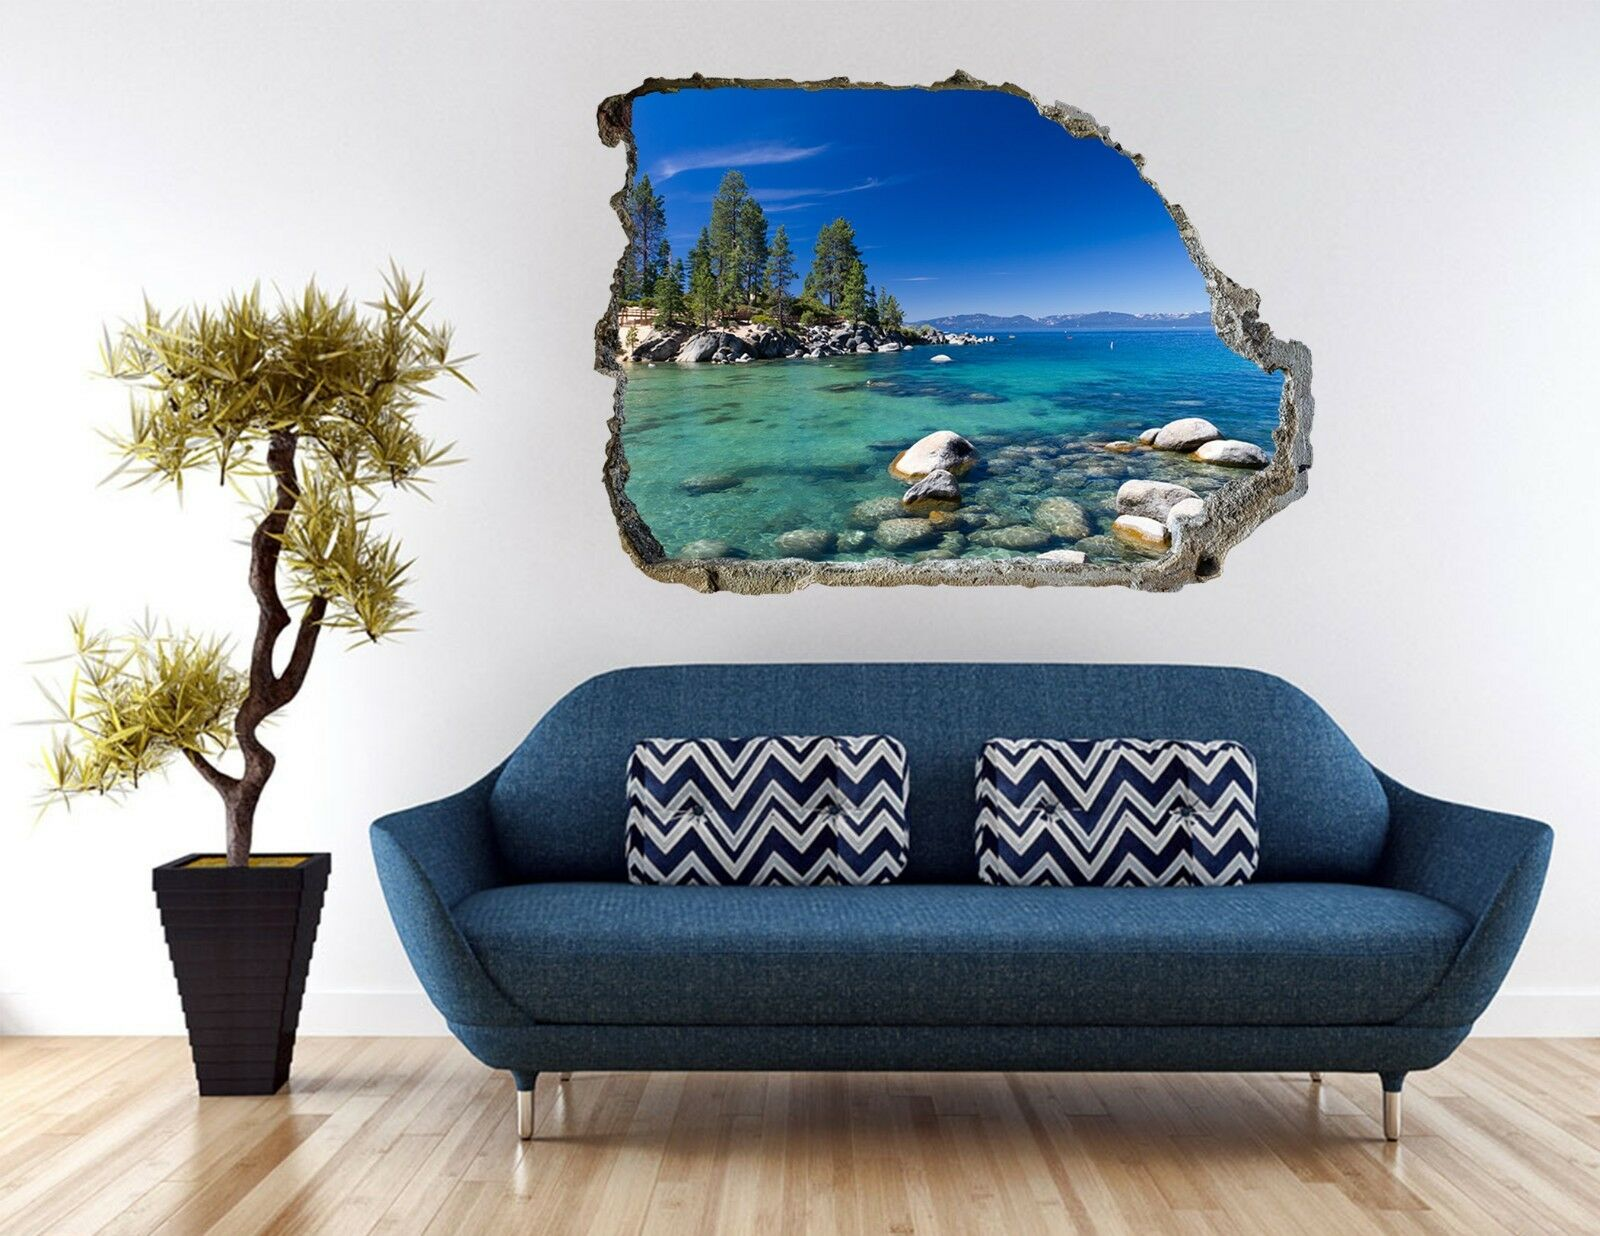 3D Meeresbucht 212 Mauer Murals Mauer Aufklebe Decal Durchbruch AJ WALLPAPER DE